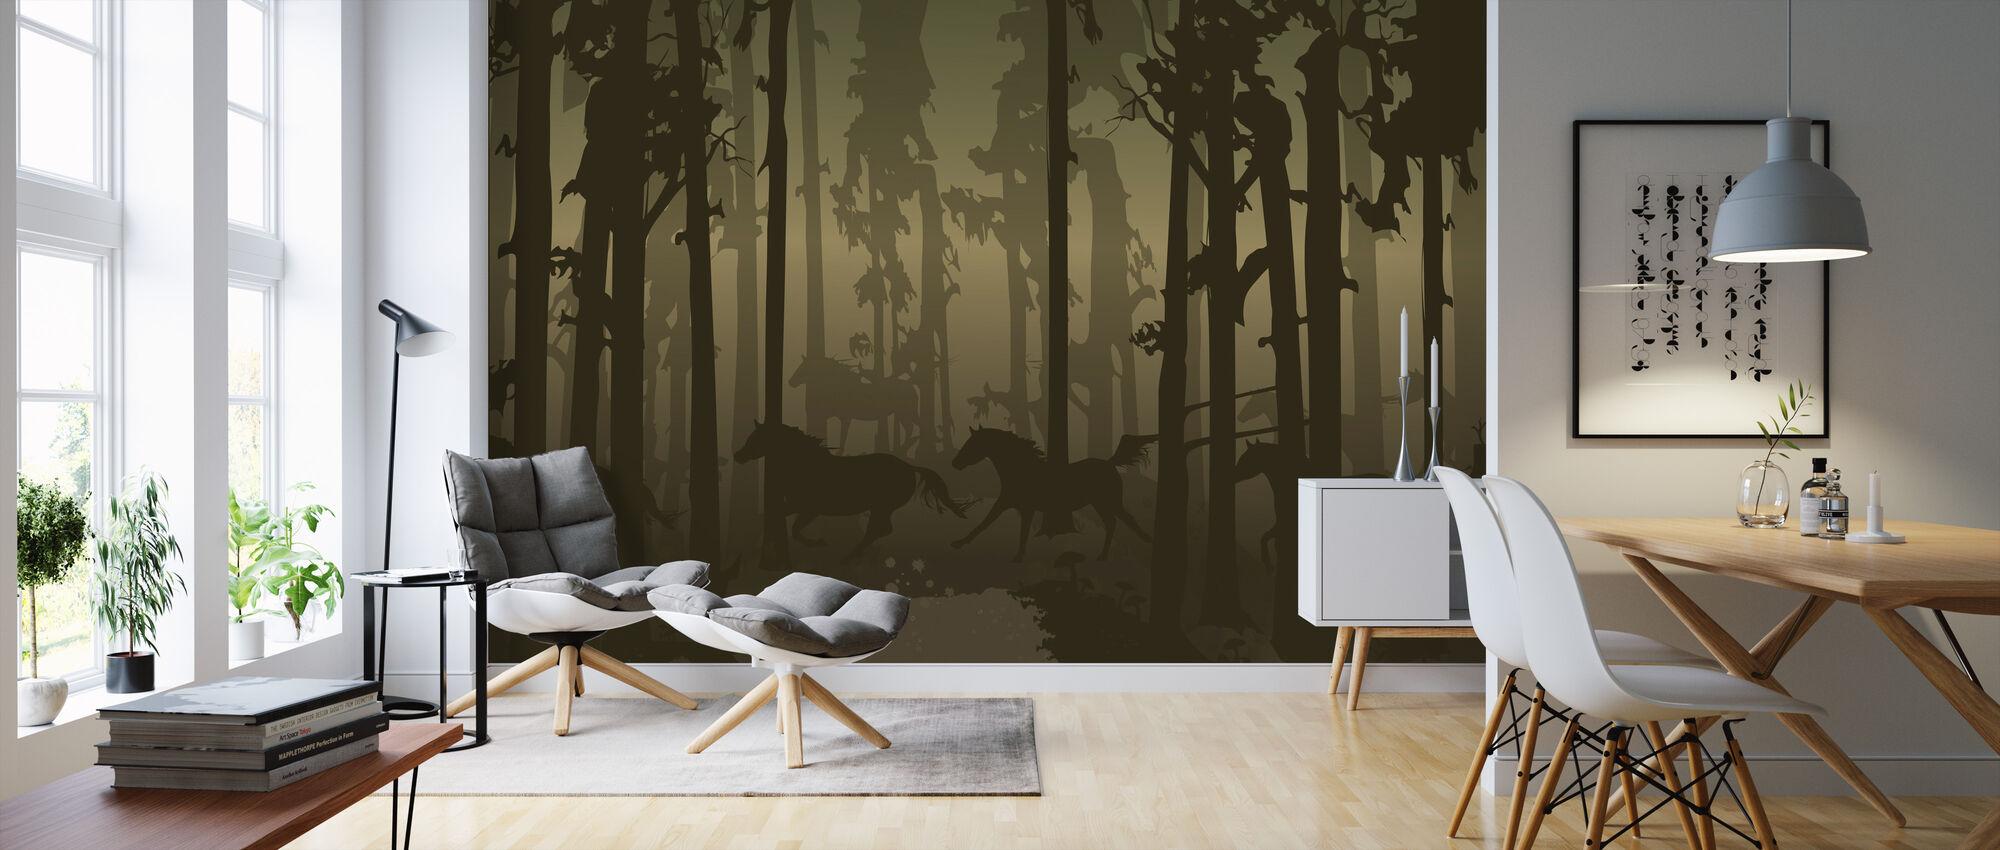 Neuer Wald - Tapete - Wohnzimmer